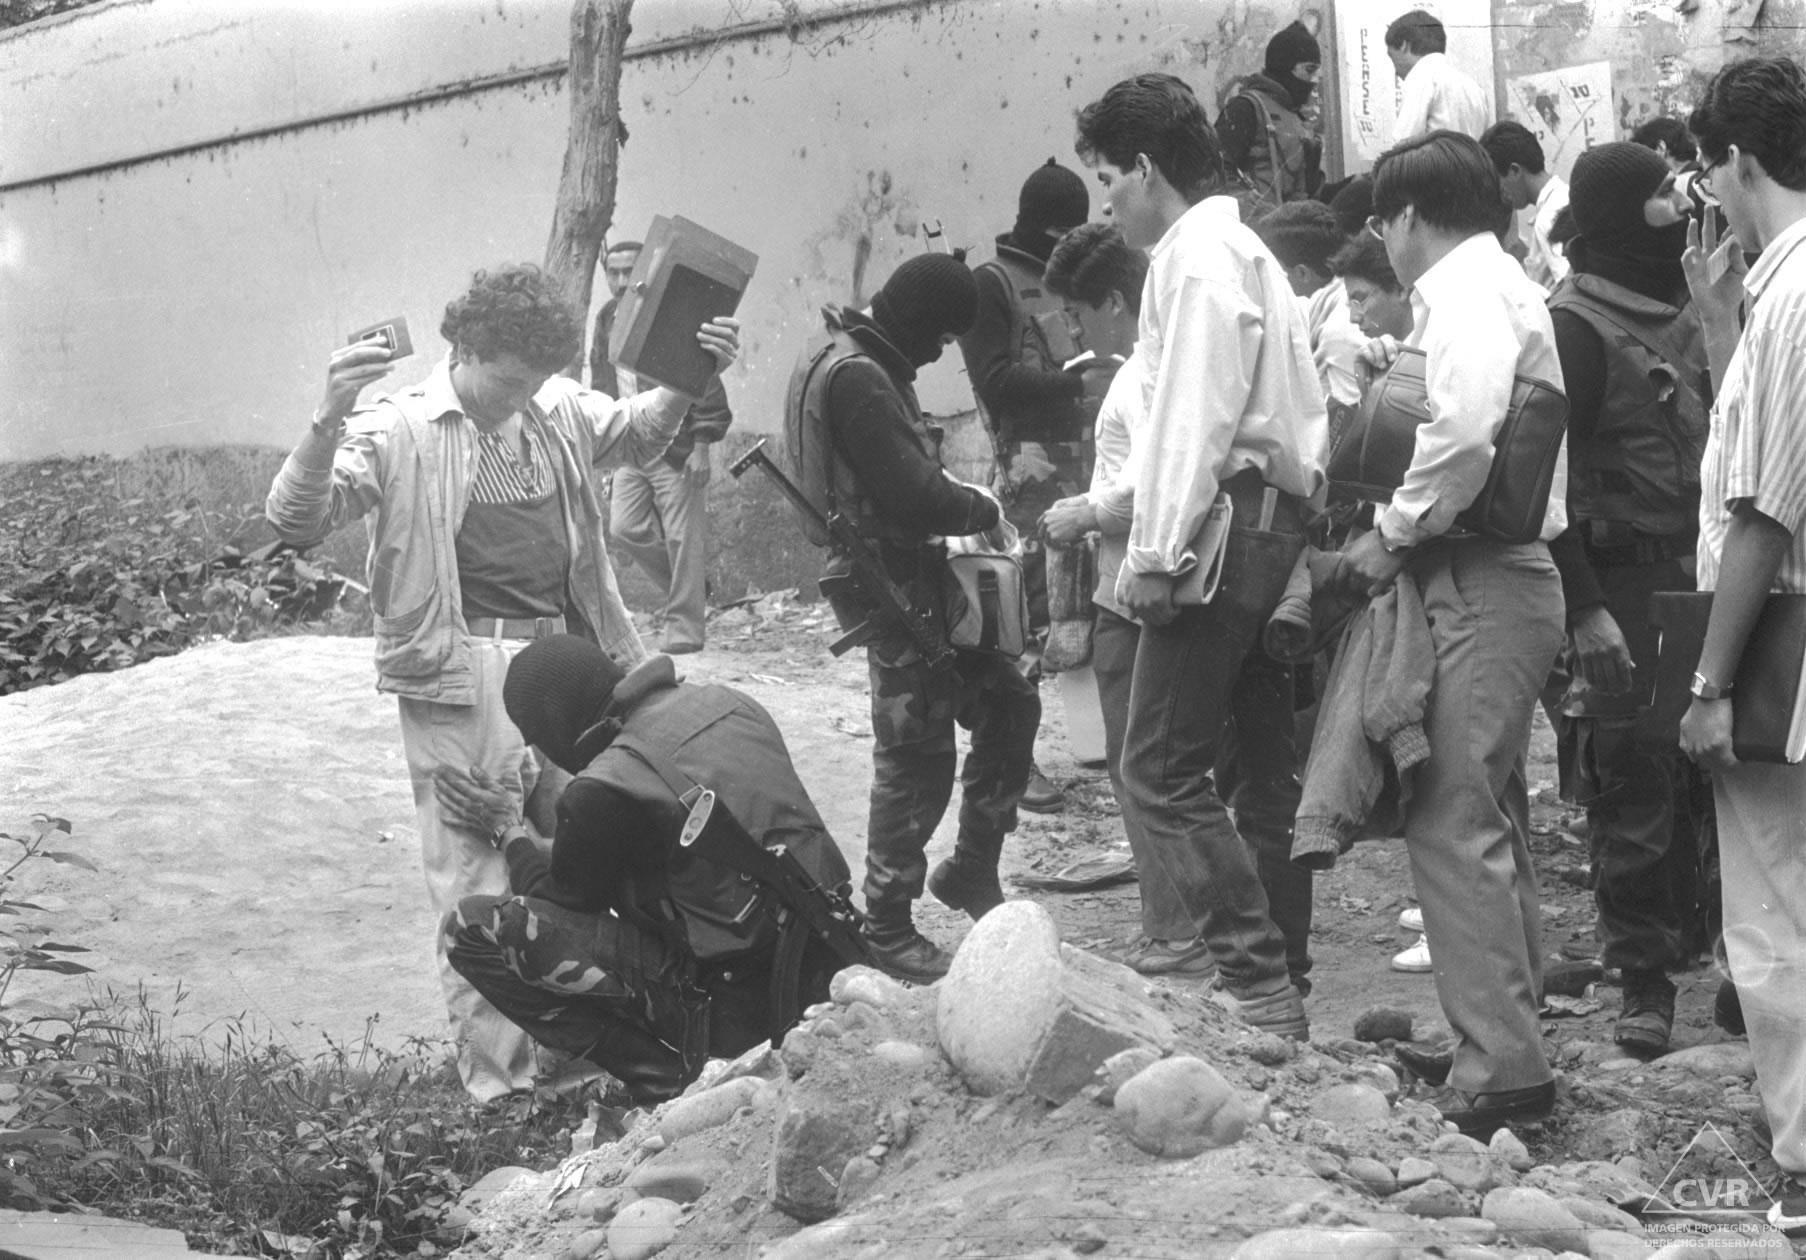 Diario El Peruano, 8 de noviembre de 1989. Intervención policial.